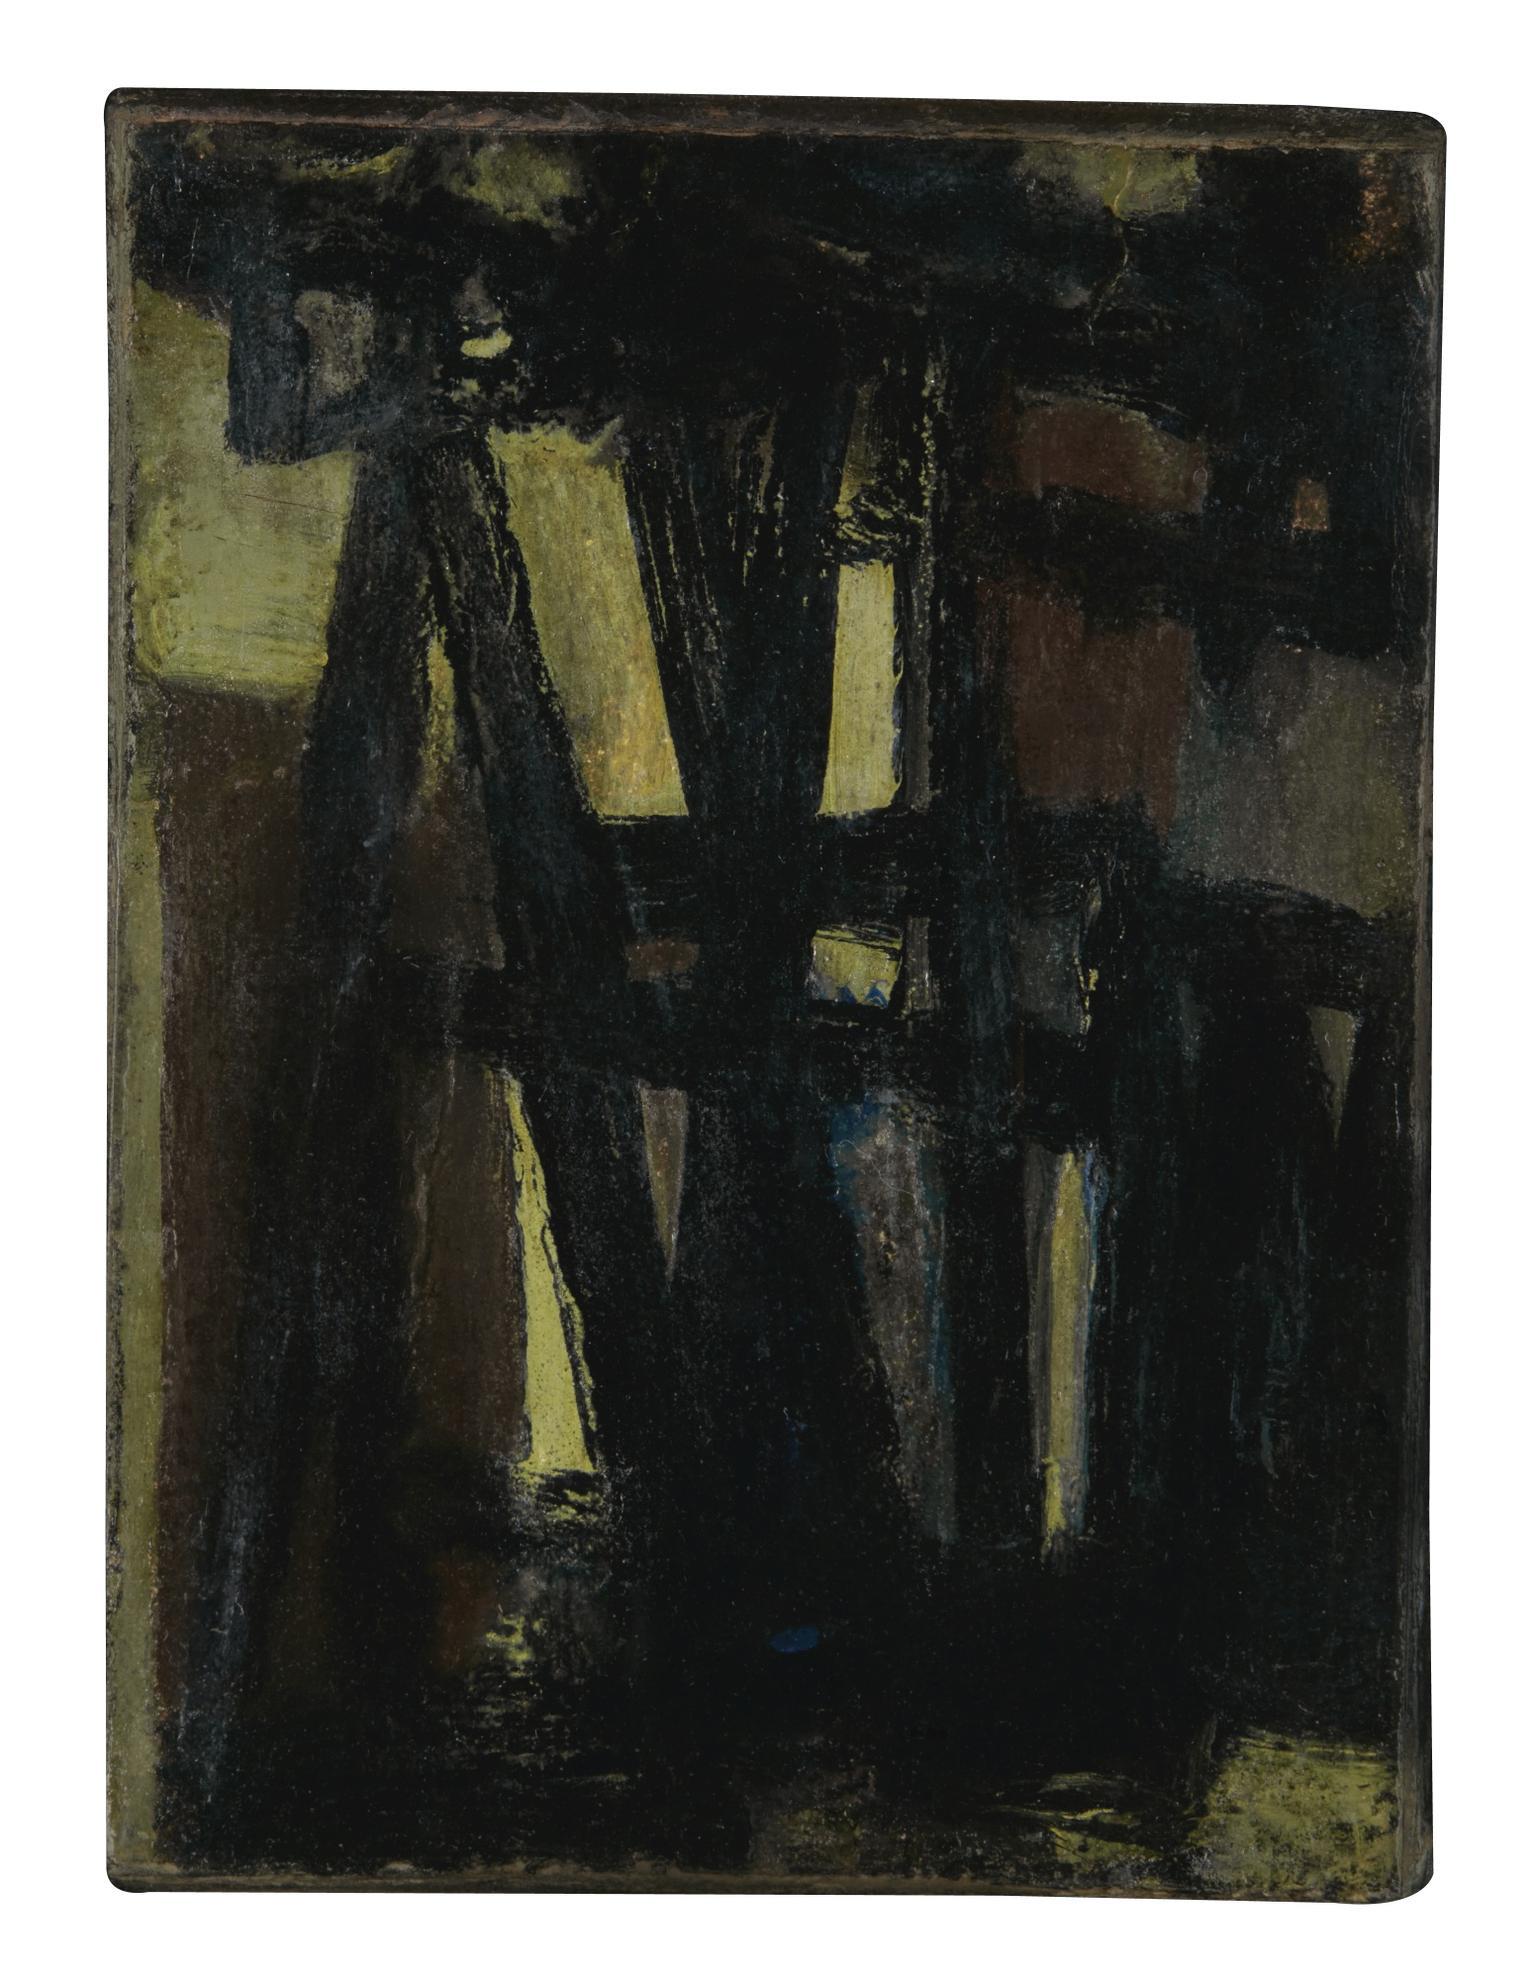 Pierre Soulages-Peinture 10,6 X 8 Cm, 1949-1949